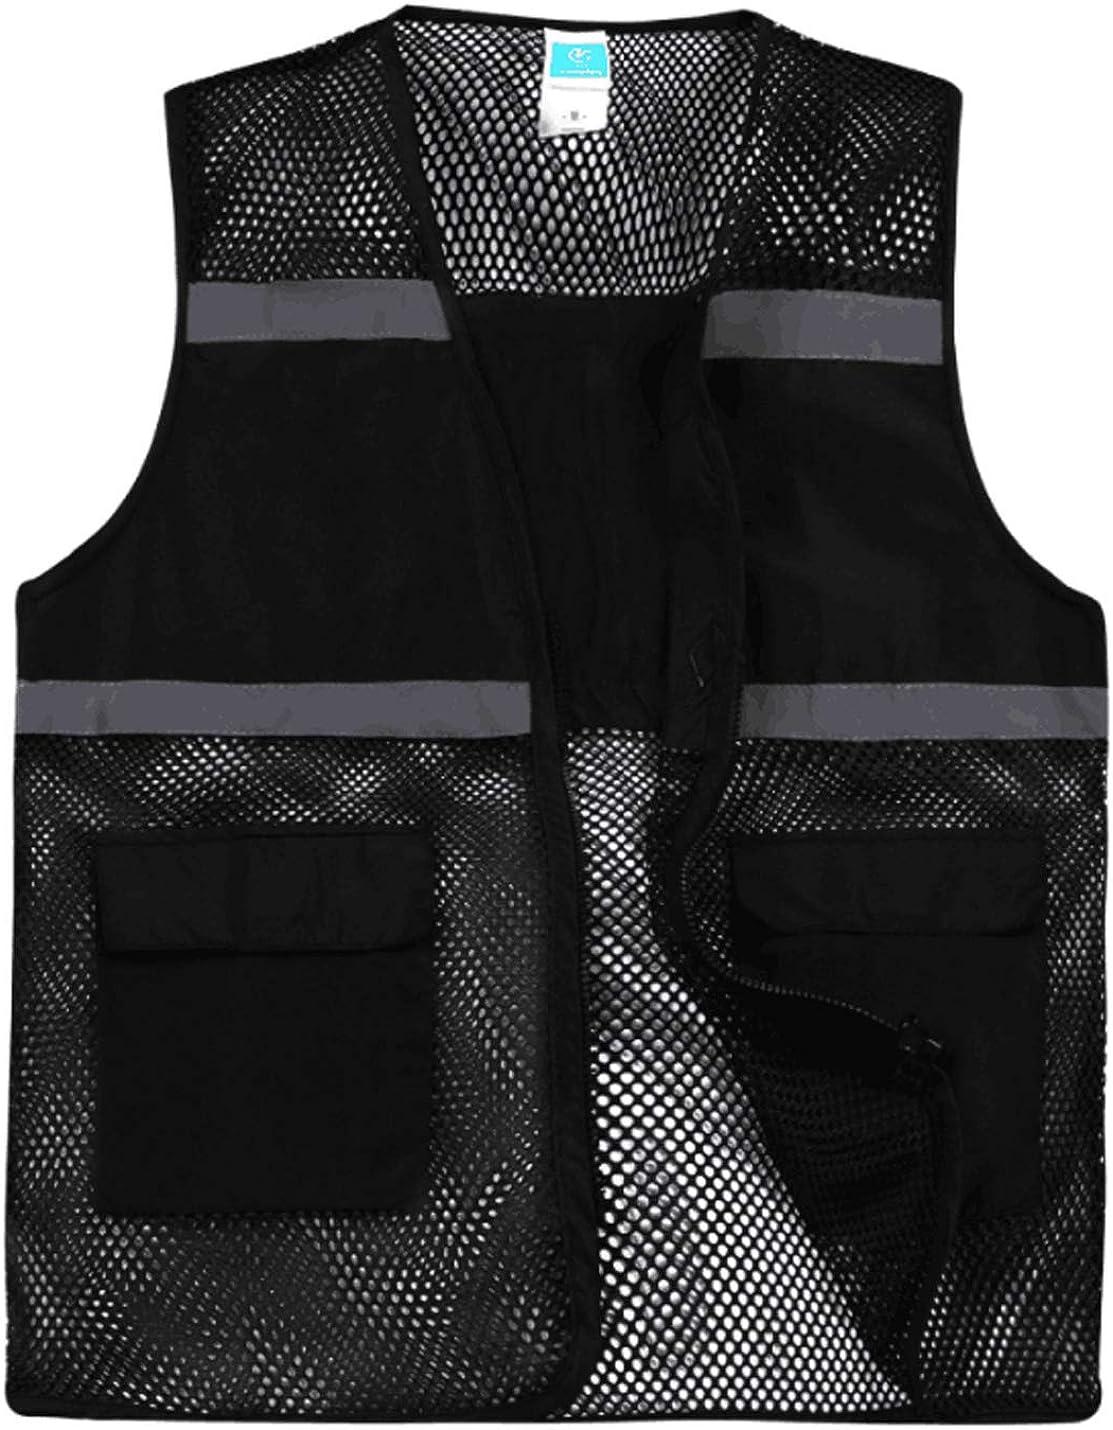 Yimoon Women's Lightweight Outdoor Work Volunteer Mesh Zip Vest with Reflective Strips